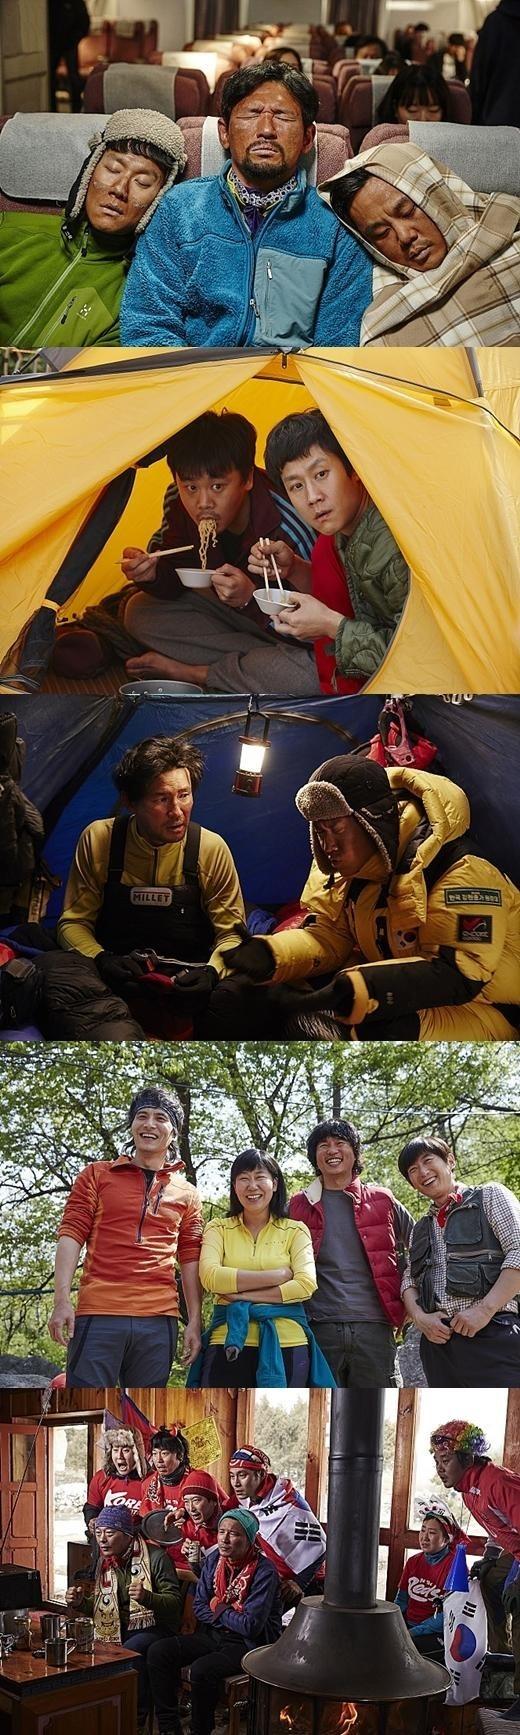 ファン・ジョンミン主演映画「ヒマラヤ」12月に公開確定…10枚のスチール写真を公開